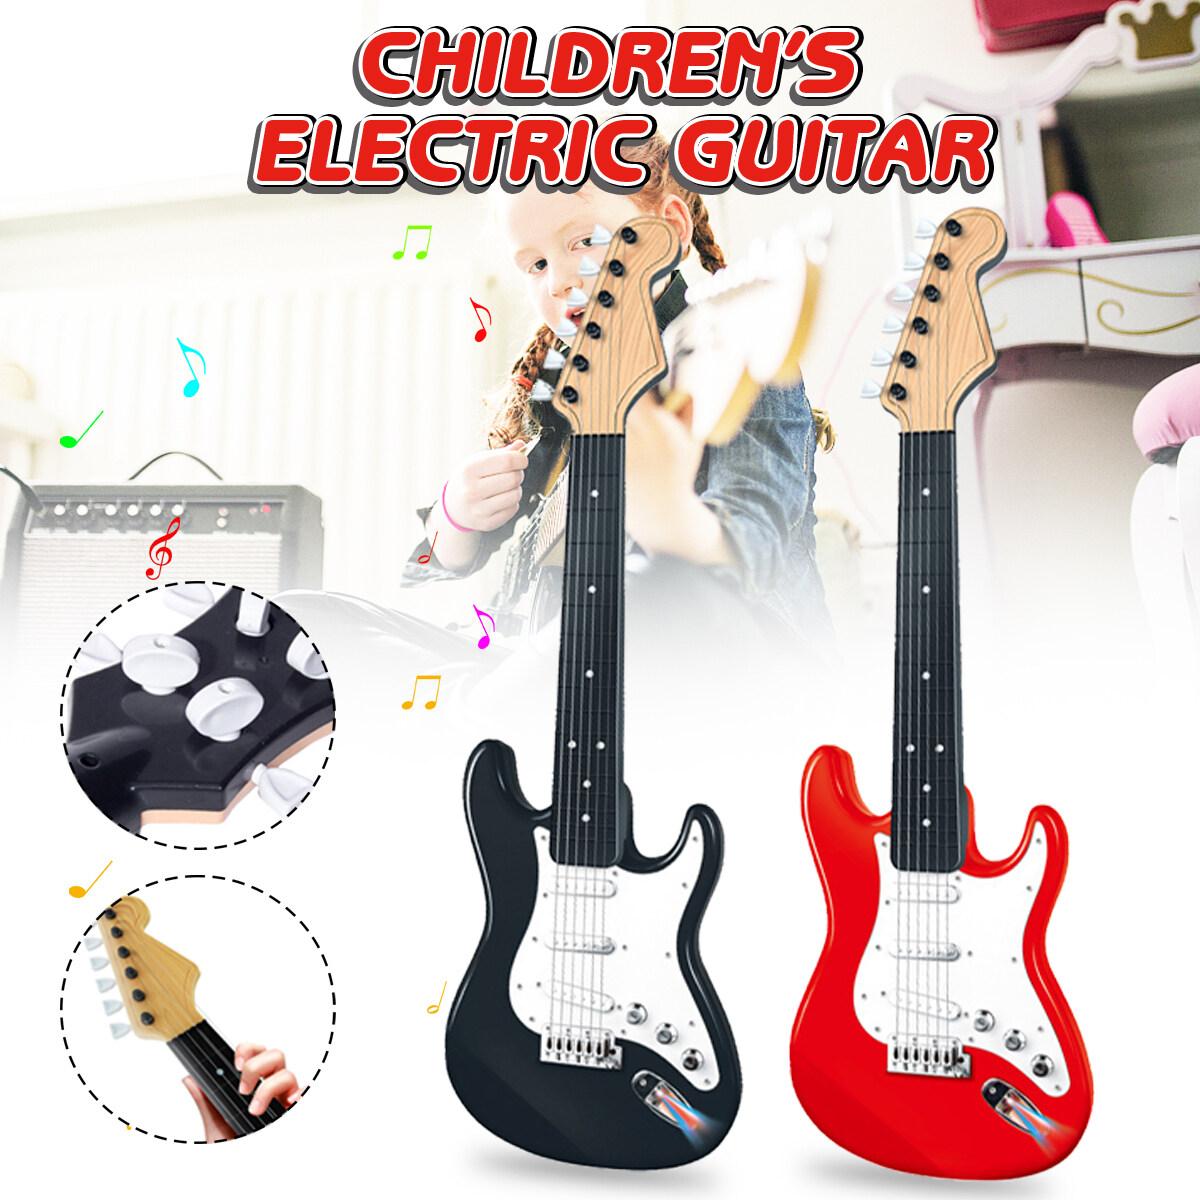 Trẻ Em Âm Nhạc Của 6 Dây Đàn Trẻ Em Mô Phỏng Đàn Guitar Điện Đồ Chơi Quà Giáng Quà Tặng